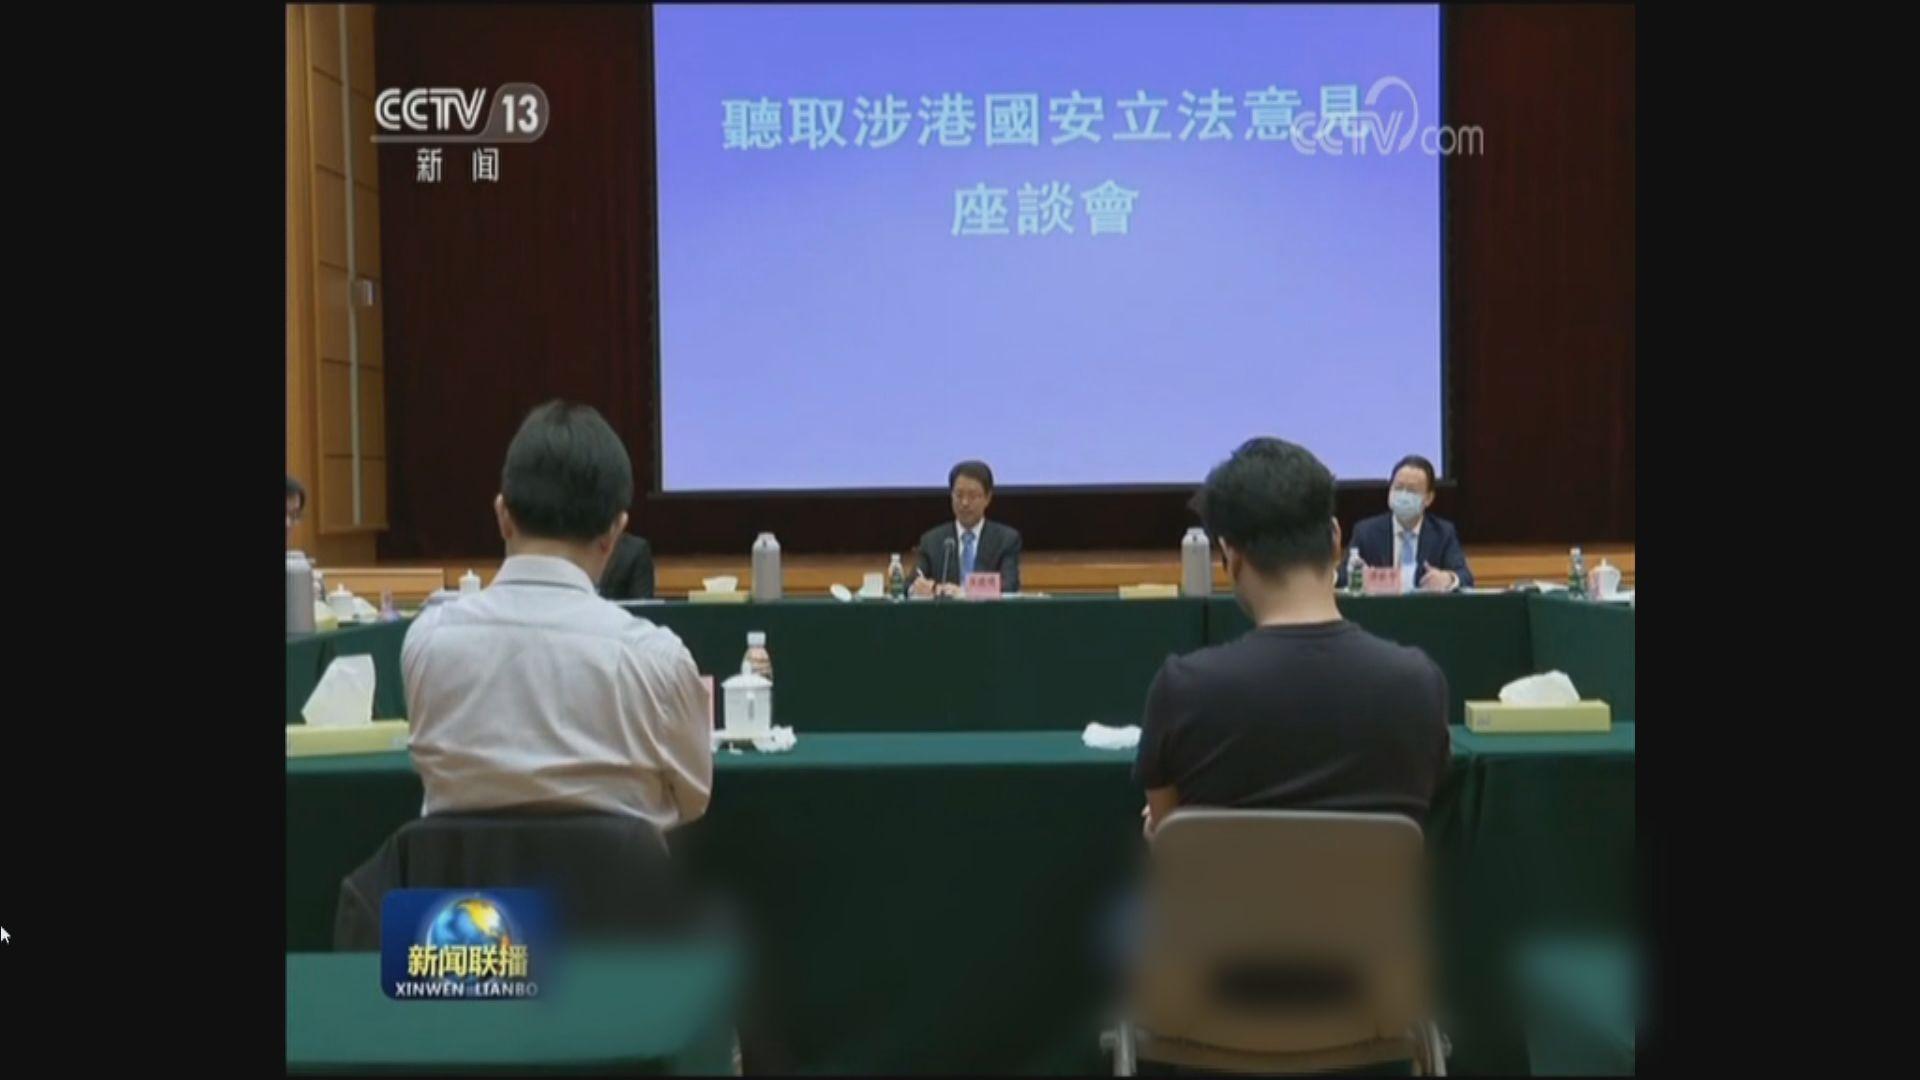 中央舉行12場座談會 聽取政界、法律界等意見